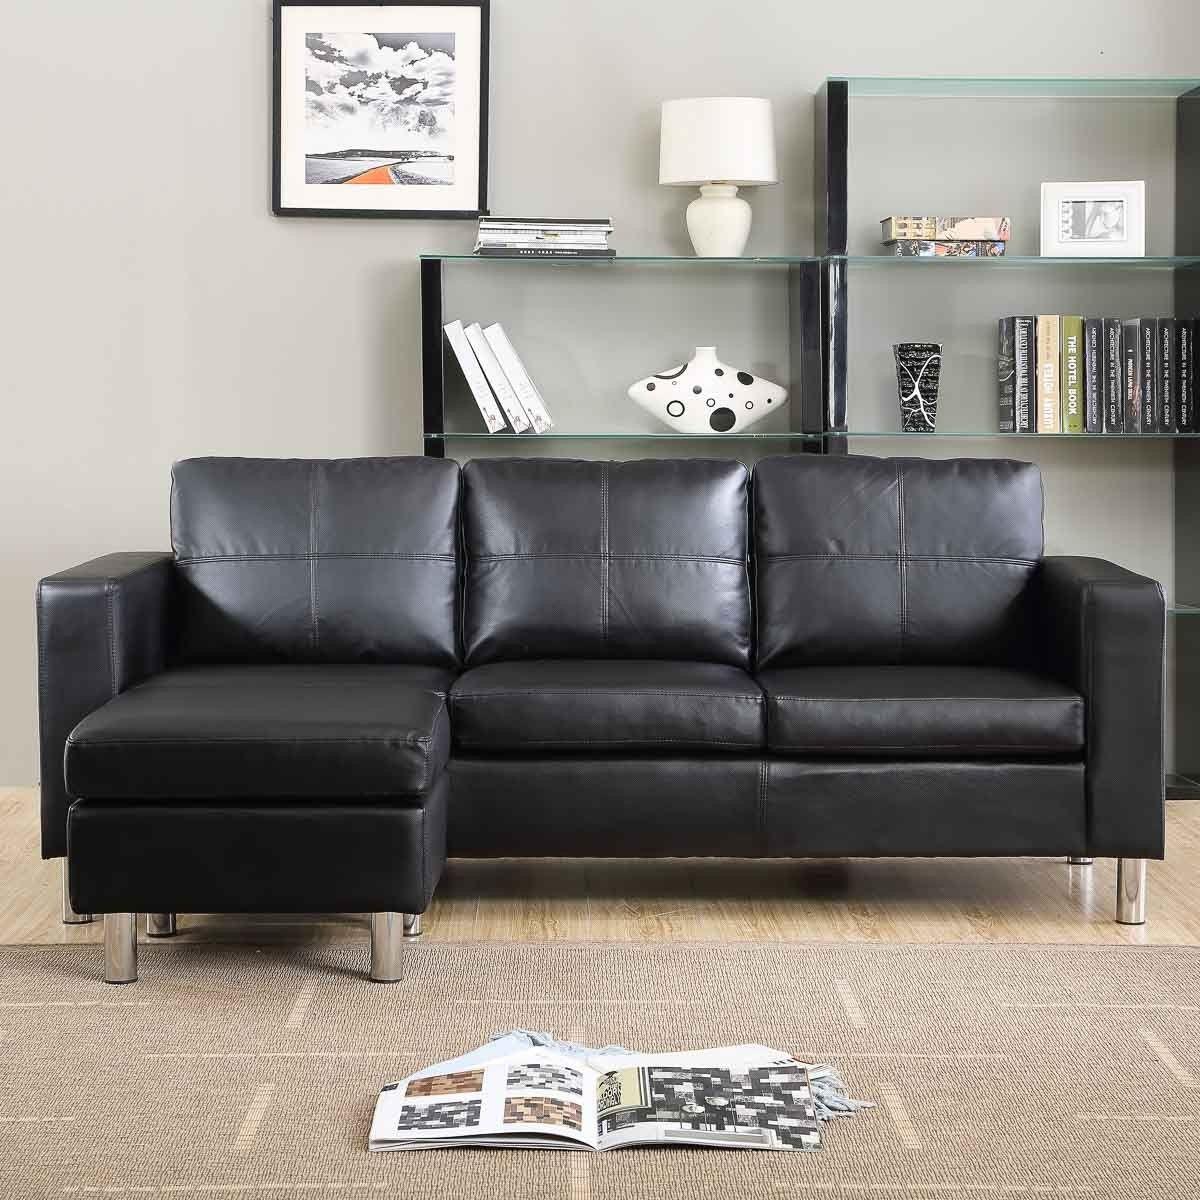 Divano angolare roma con pouf 205 cm ecopelle bianco nero - Altezza seduta divano ...